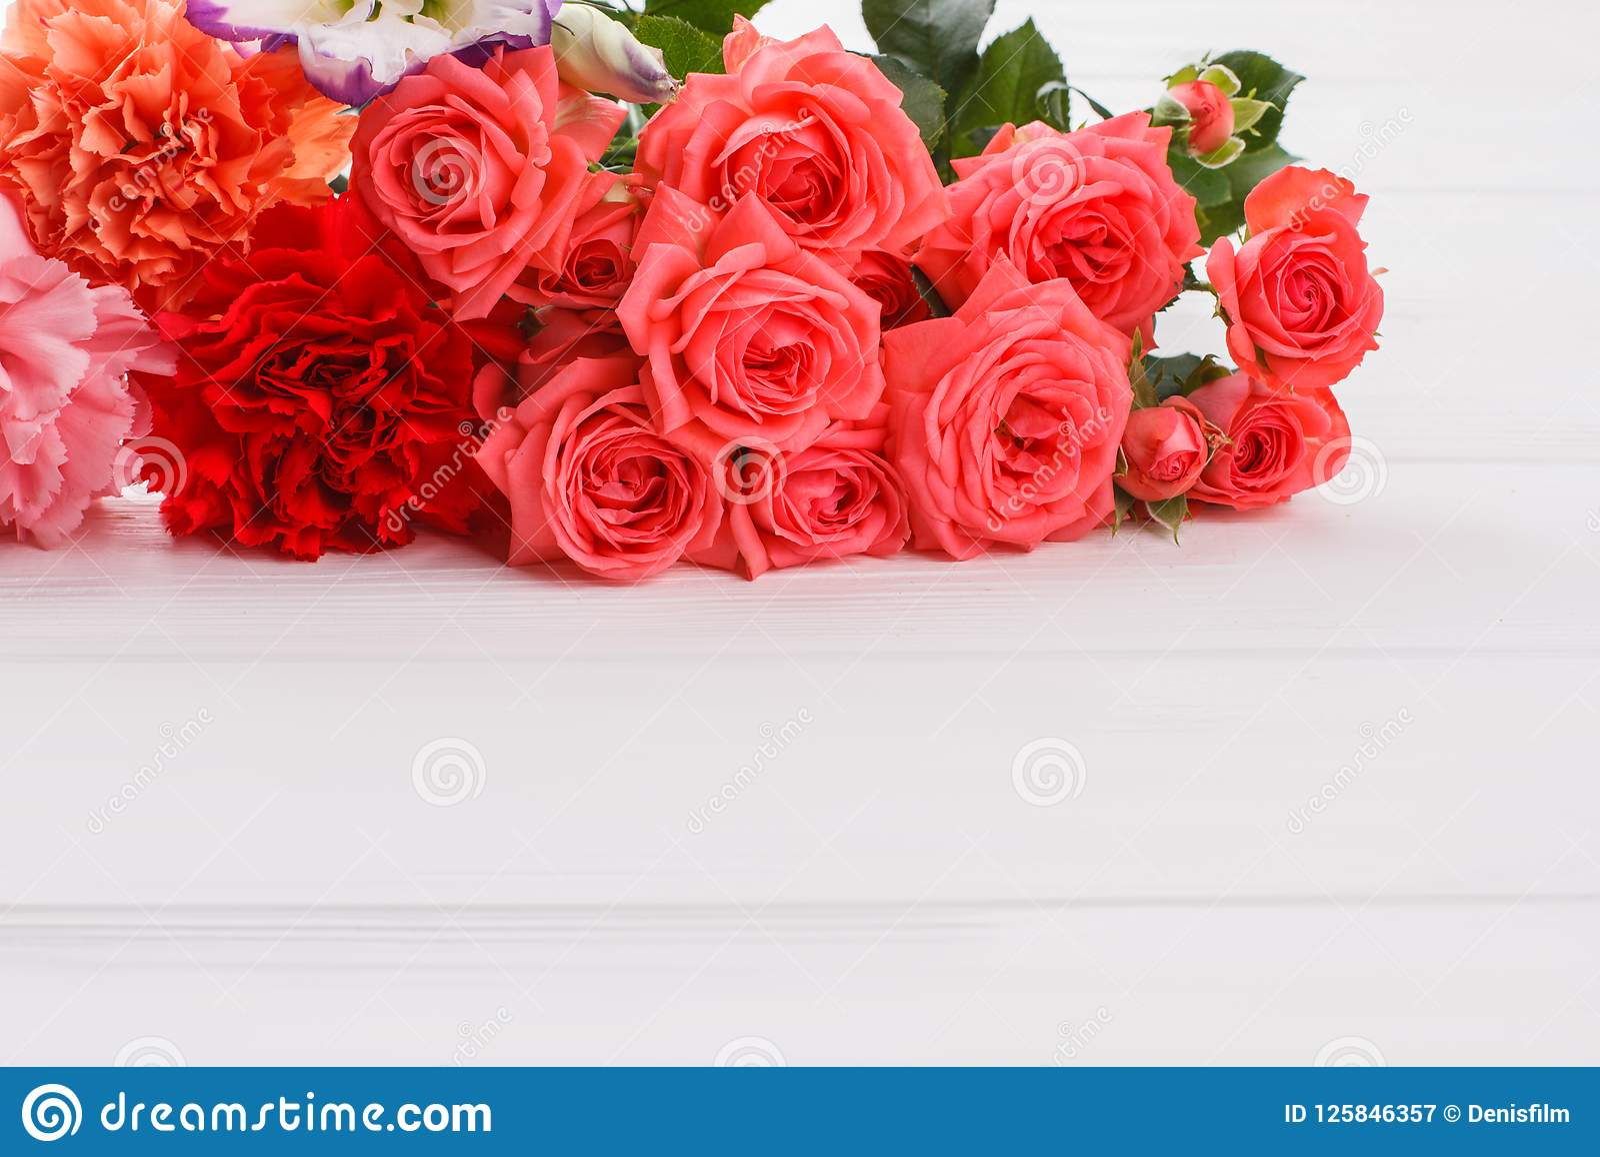 Gartennelke und rosafarbene Blumen auf weißem Holz